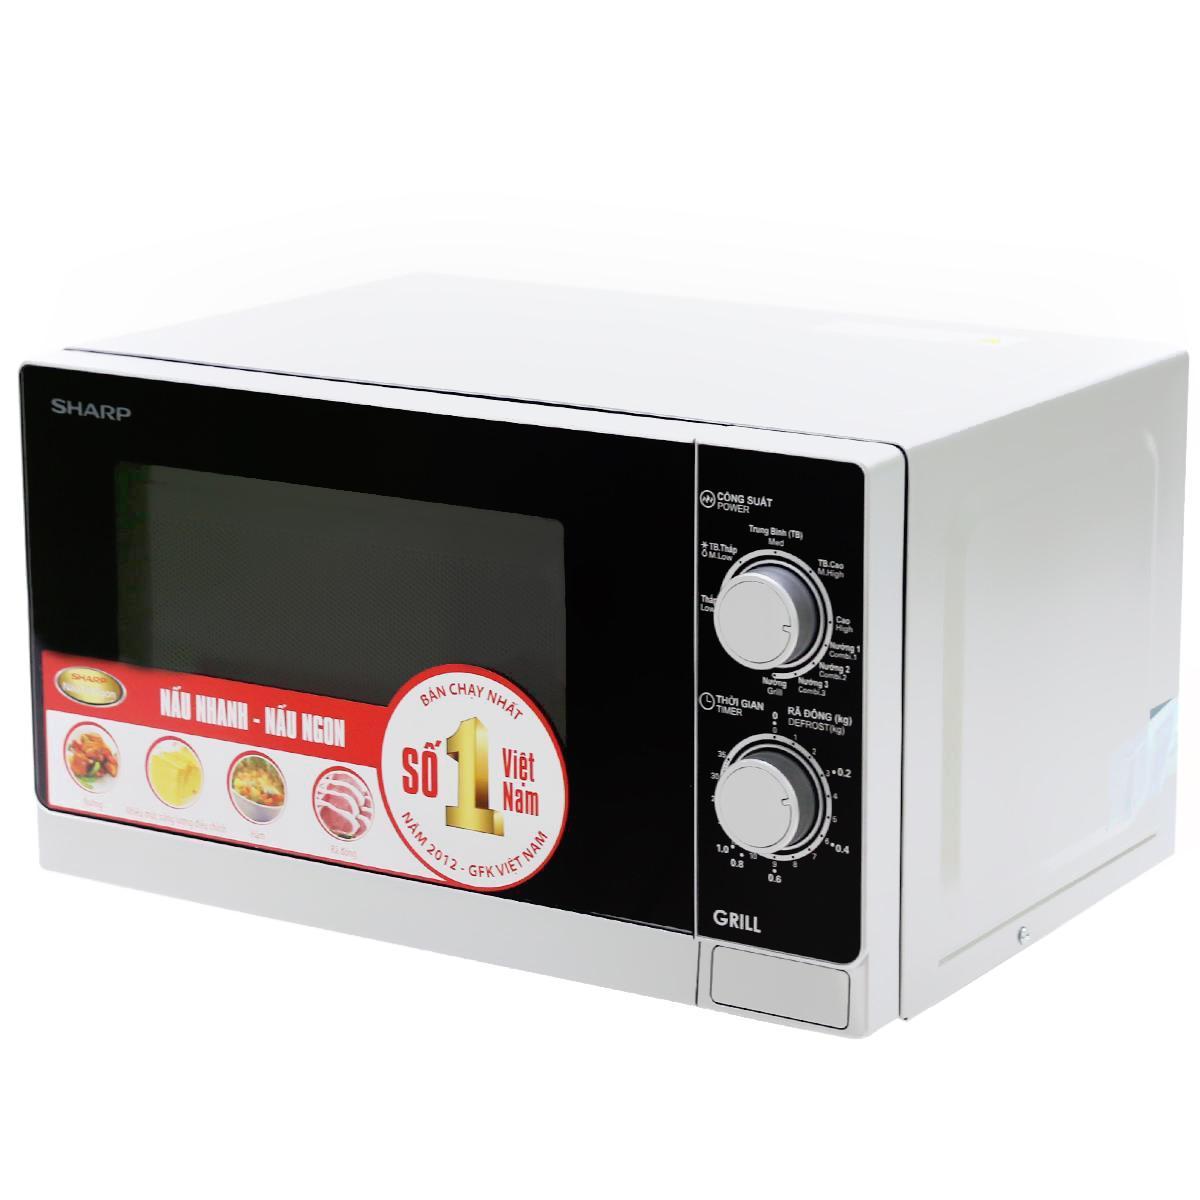 Hình ảnh Lò vi sóng có nướng Sharp R-G222VN-S 20 lít